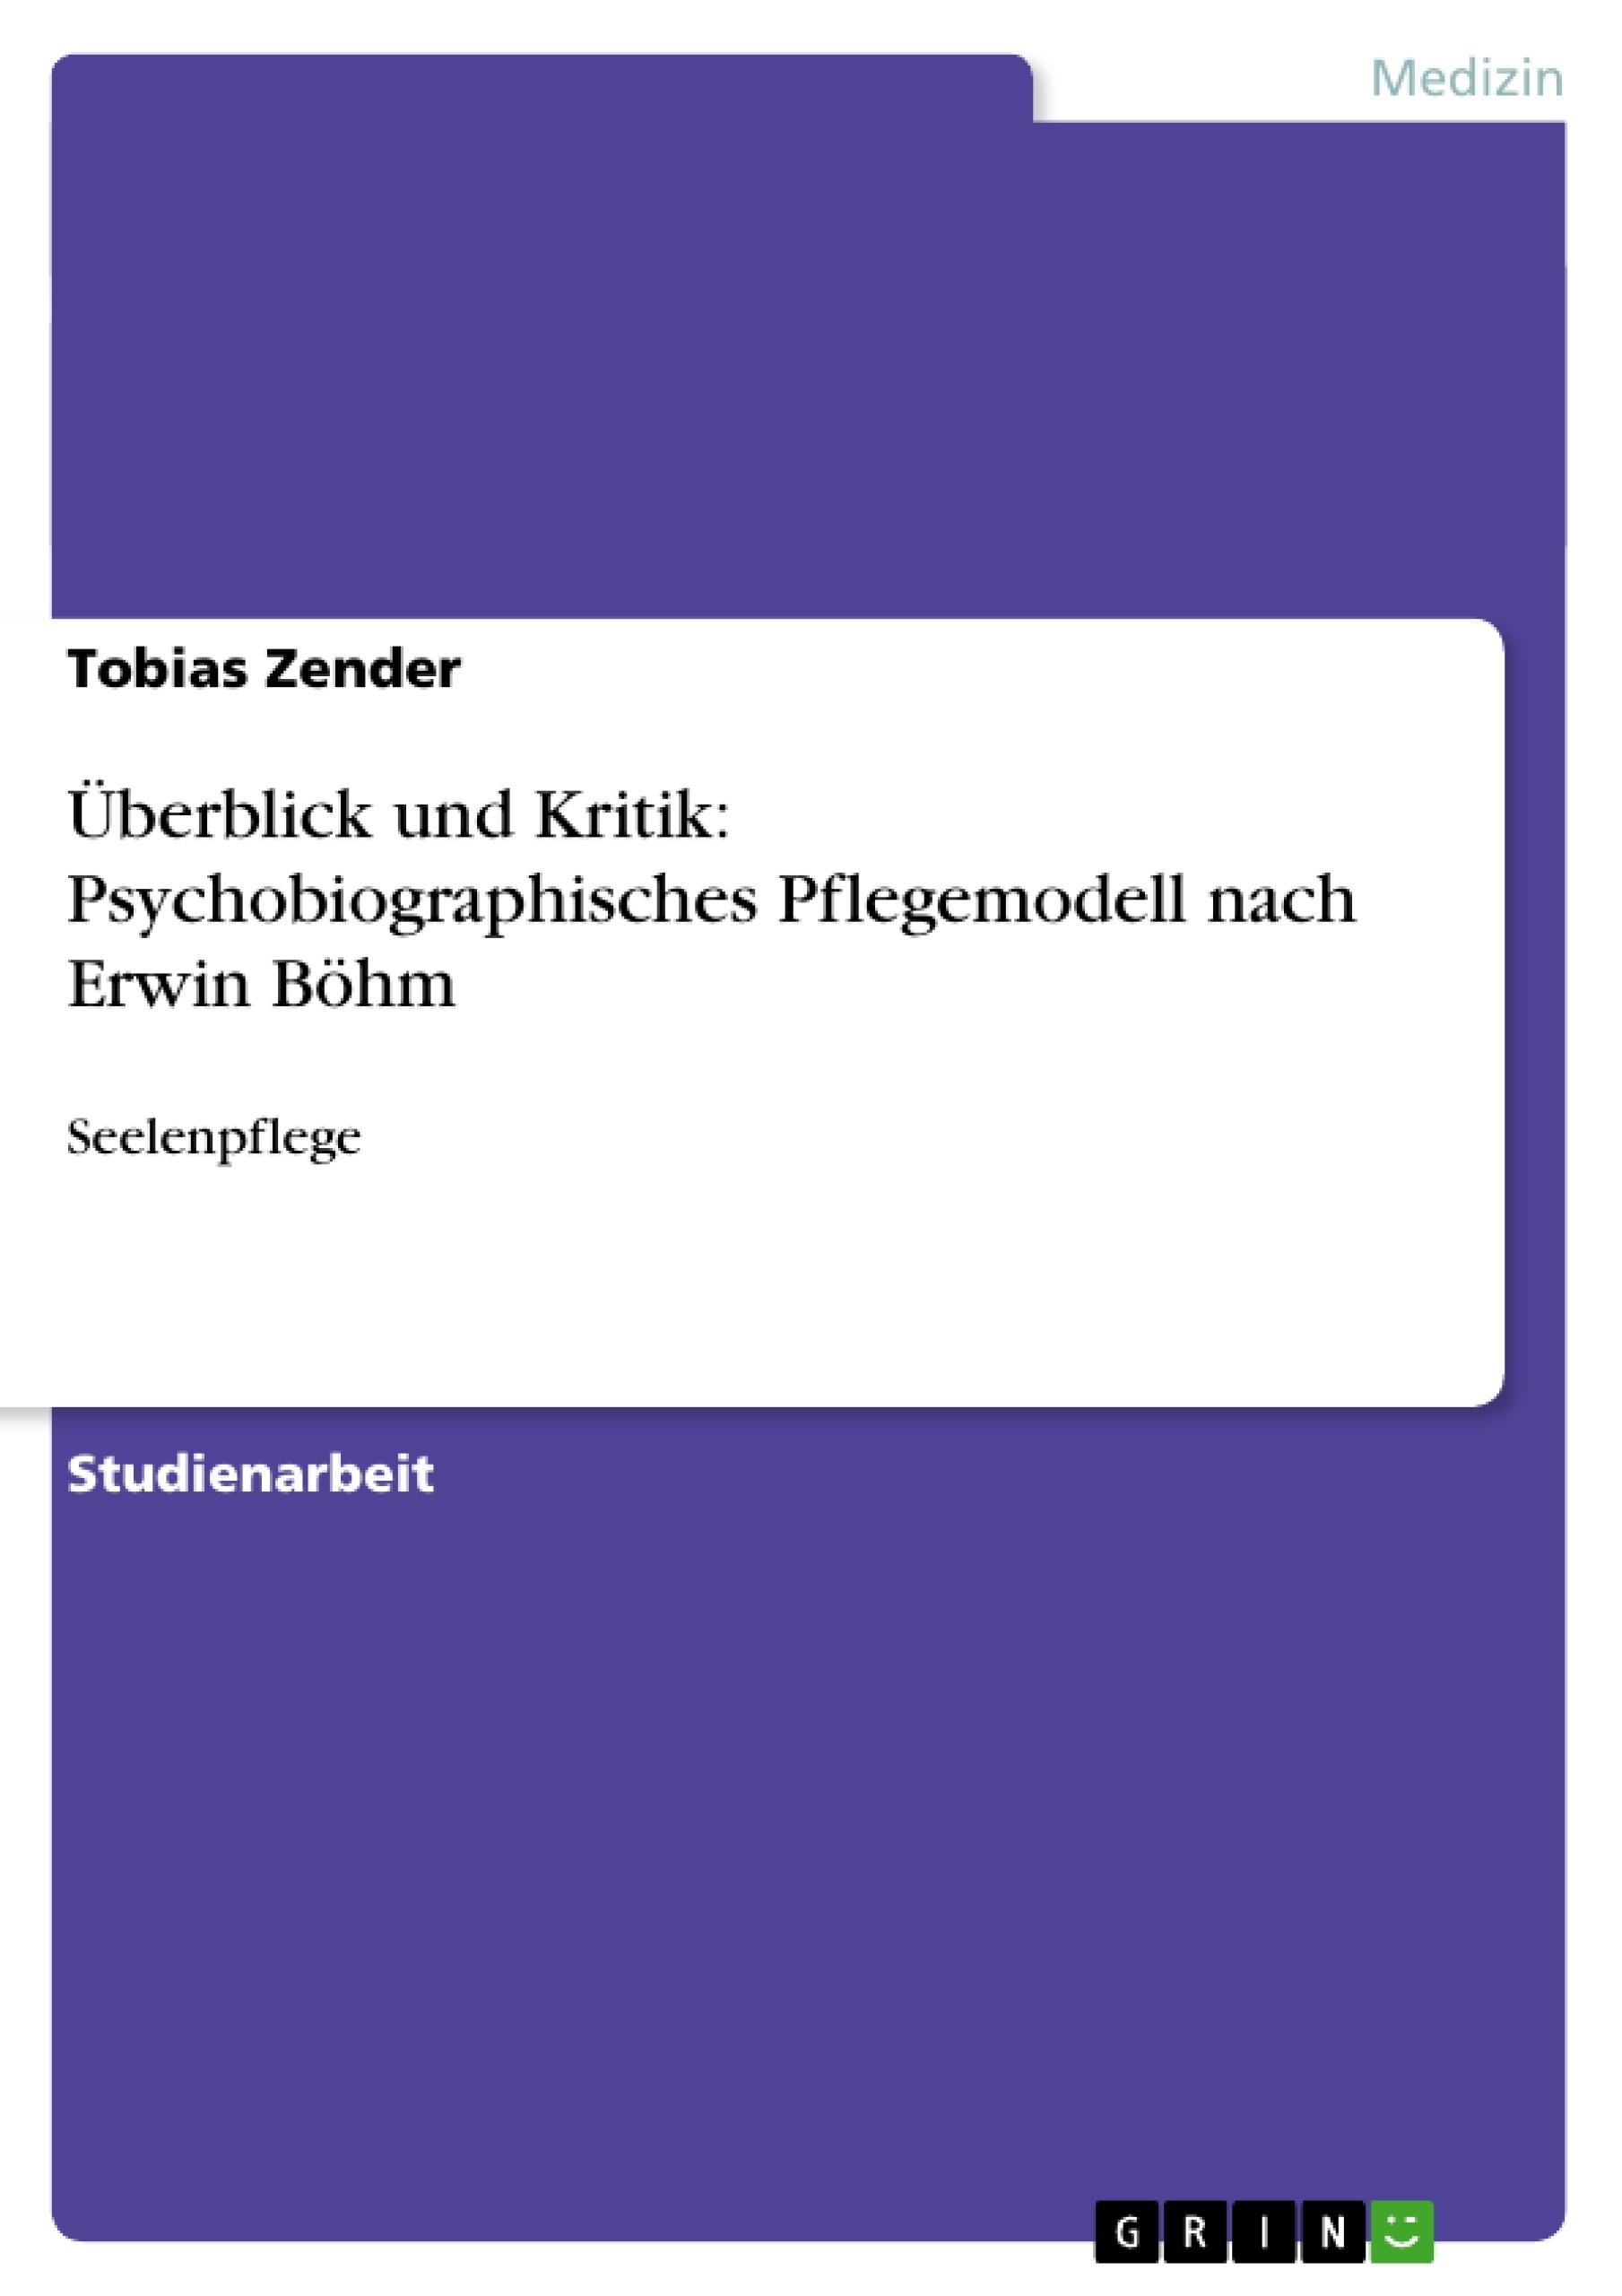 Titel: Überblick und Kritik: Psychobiographisches Pflegemodell nach Erwin Böhm